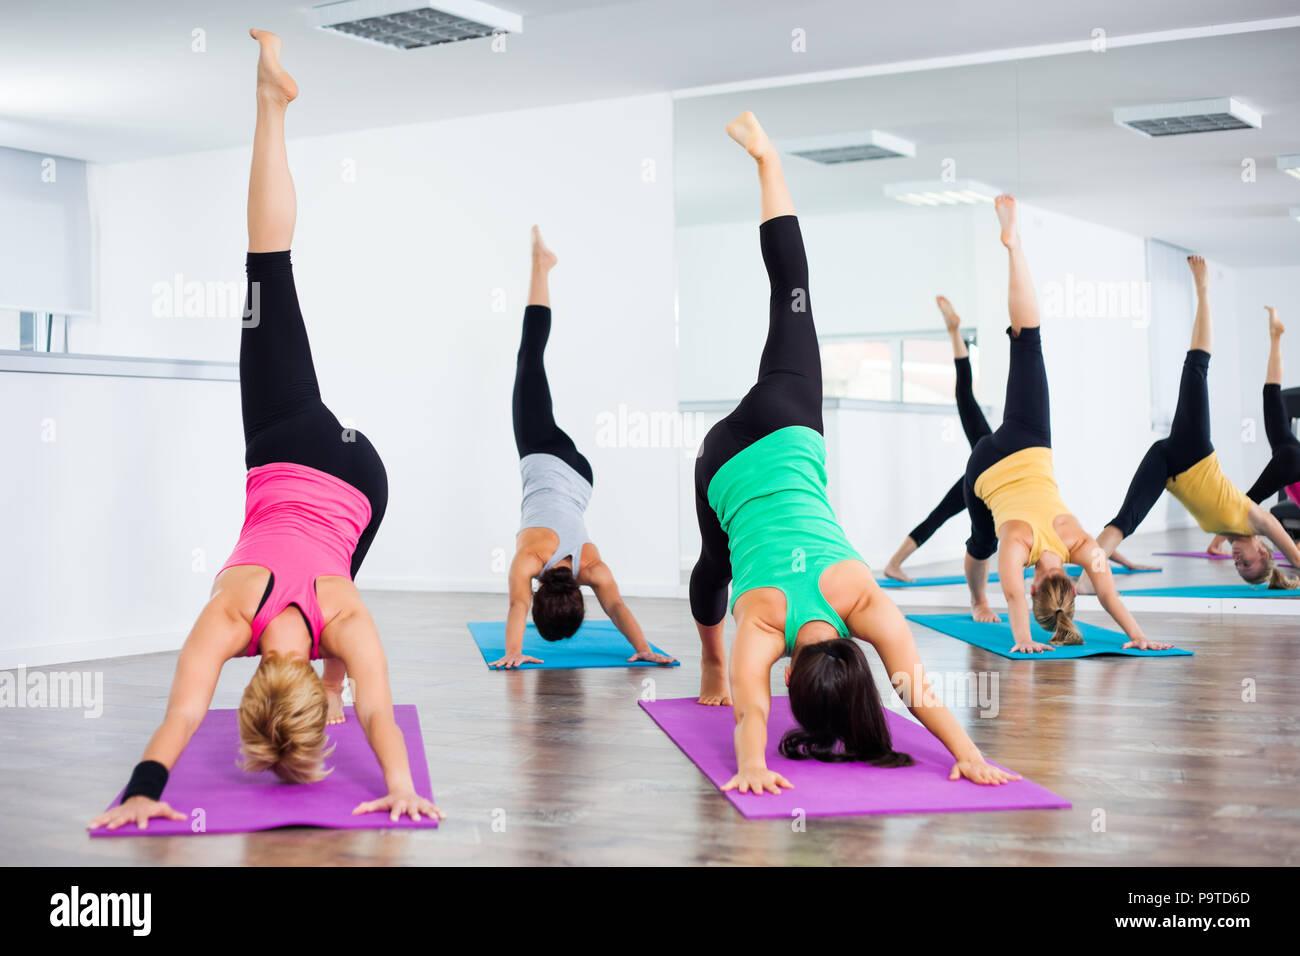 Vier Mädchen üben Yoga, Eka Pada Adho Mukha Svanasana/1-beinig Nach unten zeigender Hund darstellen Stockbild